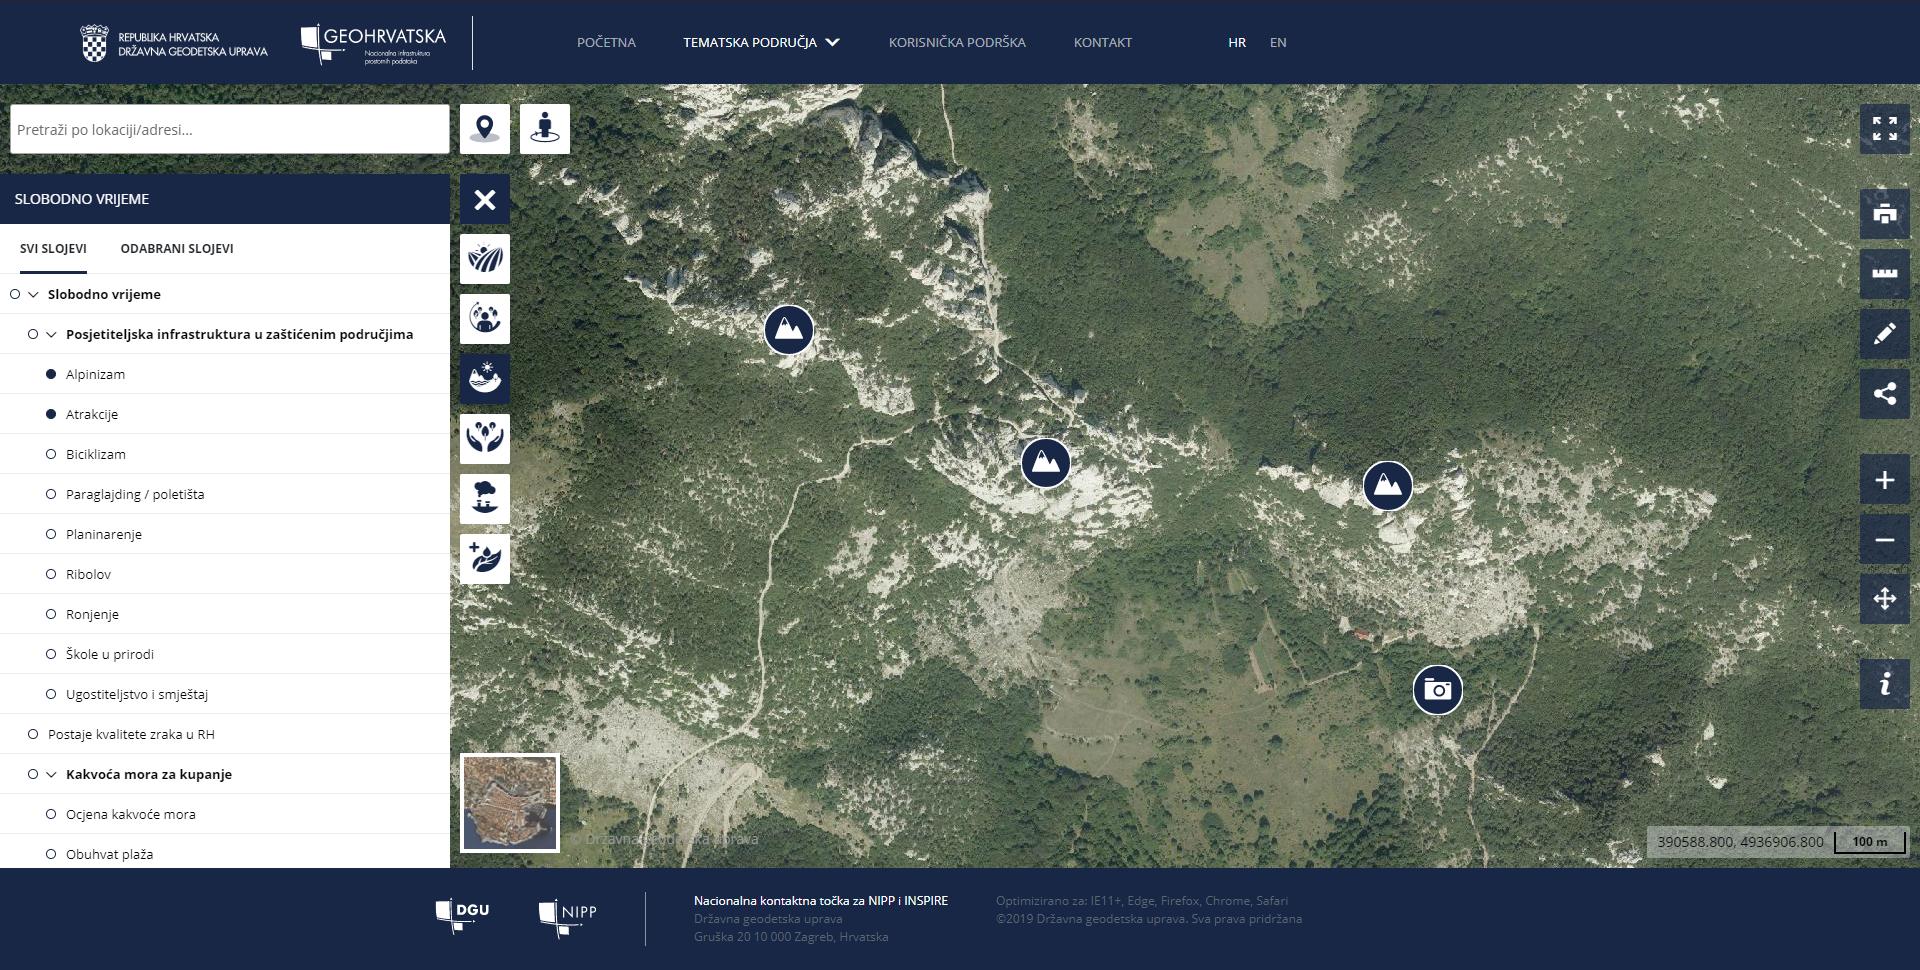 Prikaz preglednika GeoHrvatska. Na lijevoj strani slike je prikazan izbornik slojeva iz šest tematskih područja. Na desnoj strani slike su ikonama s pripadajućim simbolima označeni najbliži prostorni podaci iz odabranog sloja.